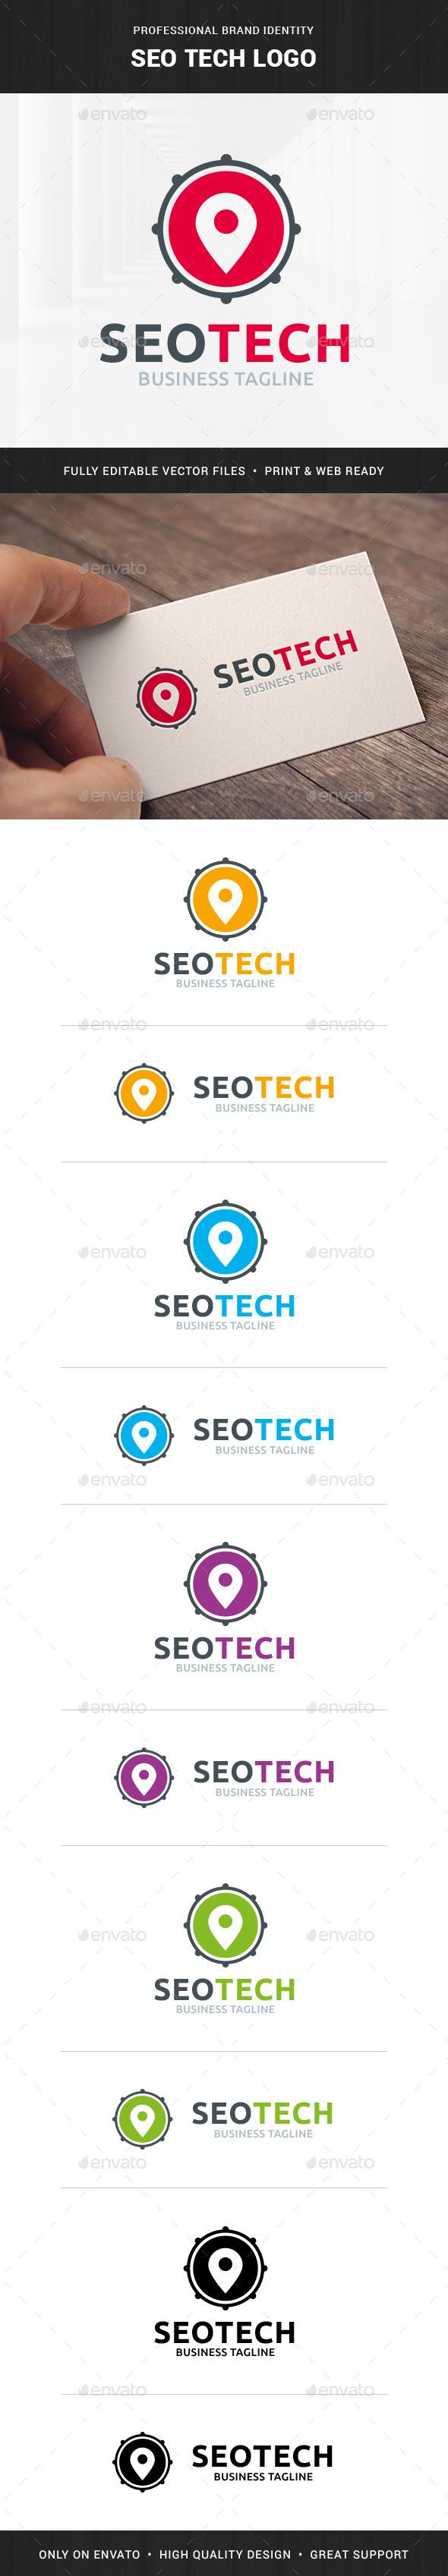 Seo Tech Logo Template